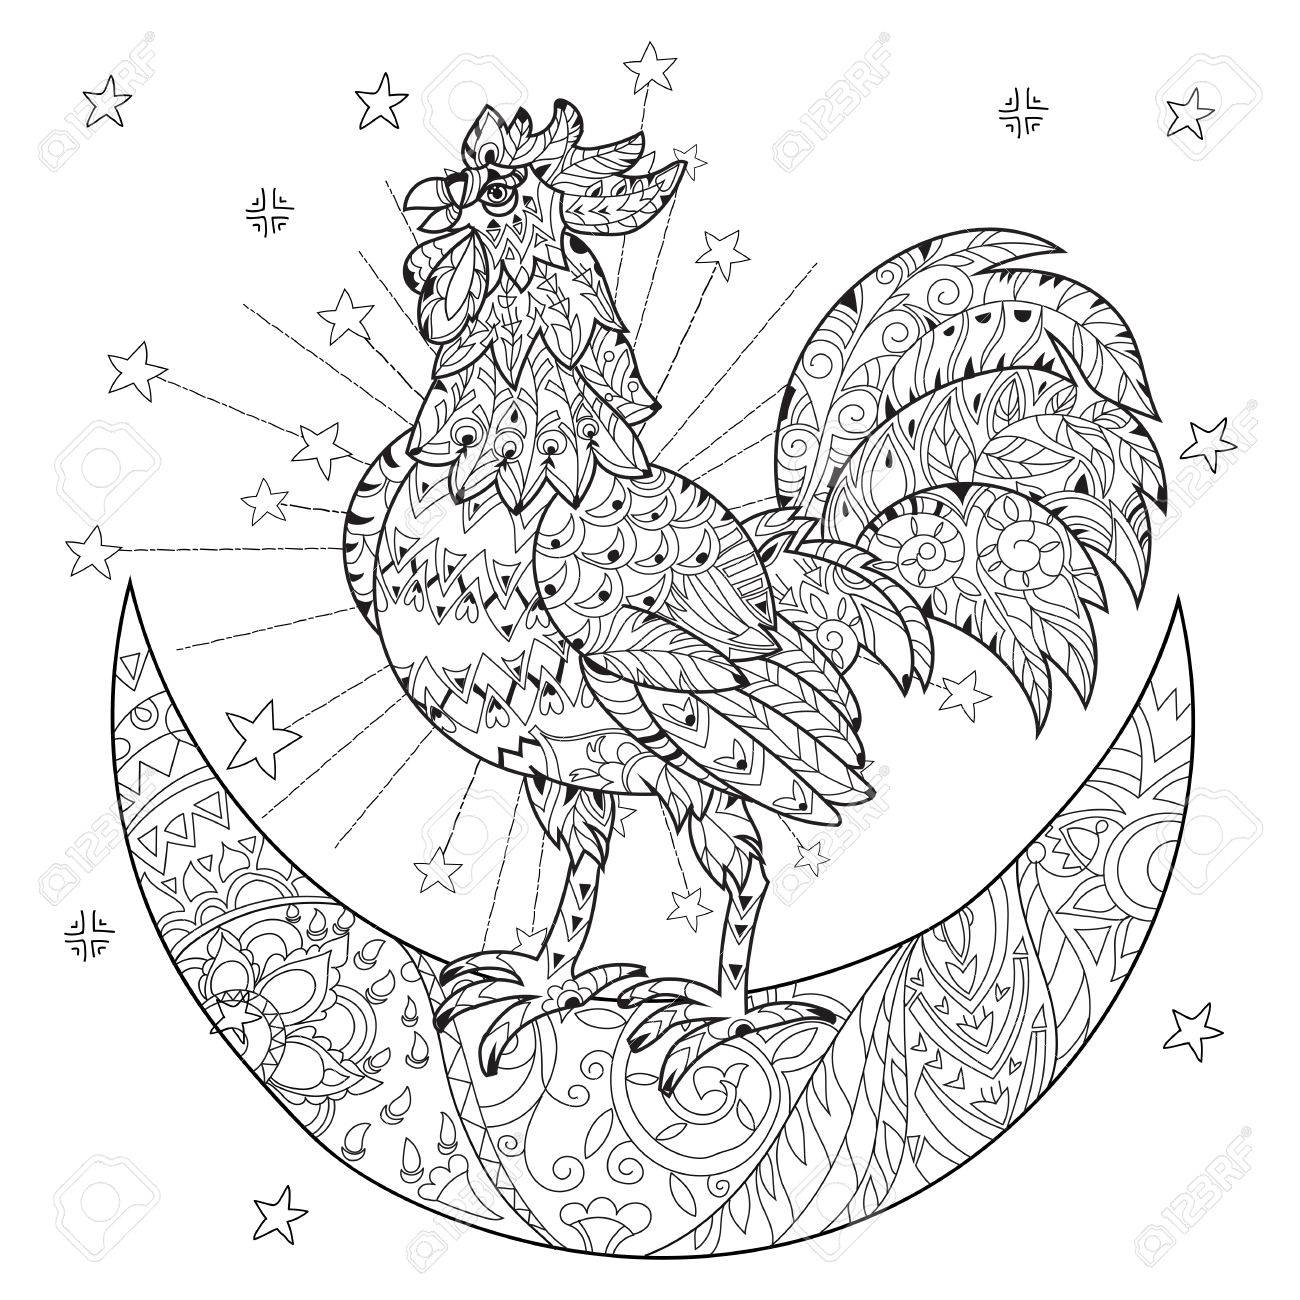 Coq Mignon Coq Sur Demi Lune De Noel Avec Des Etoiles Et Des Fleurs